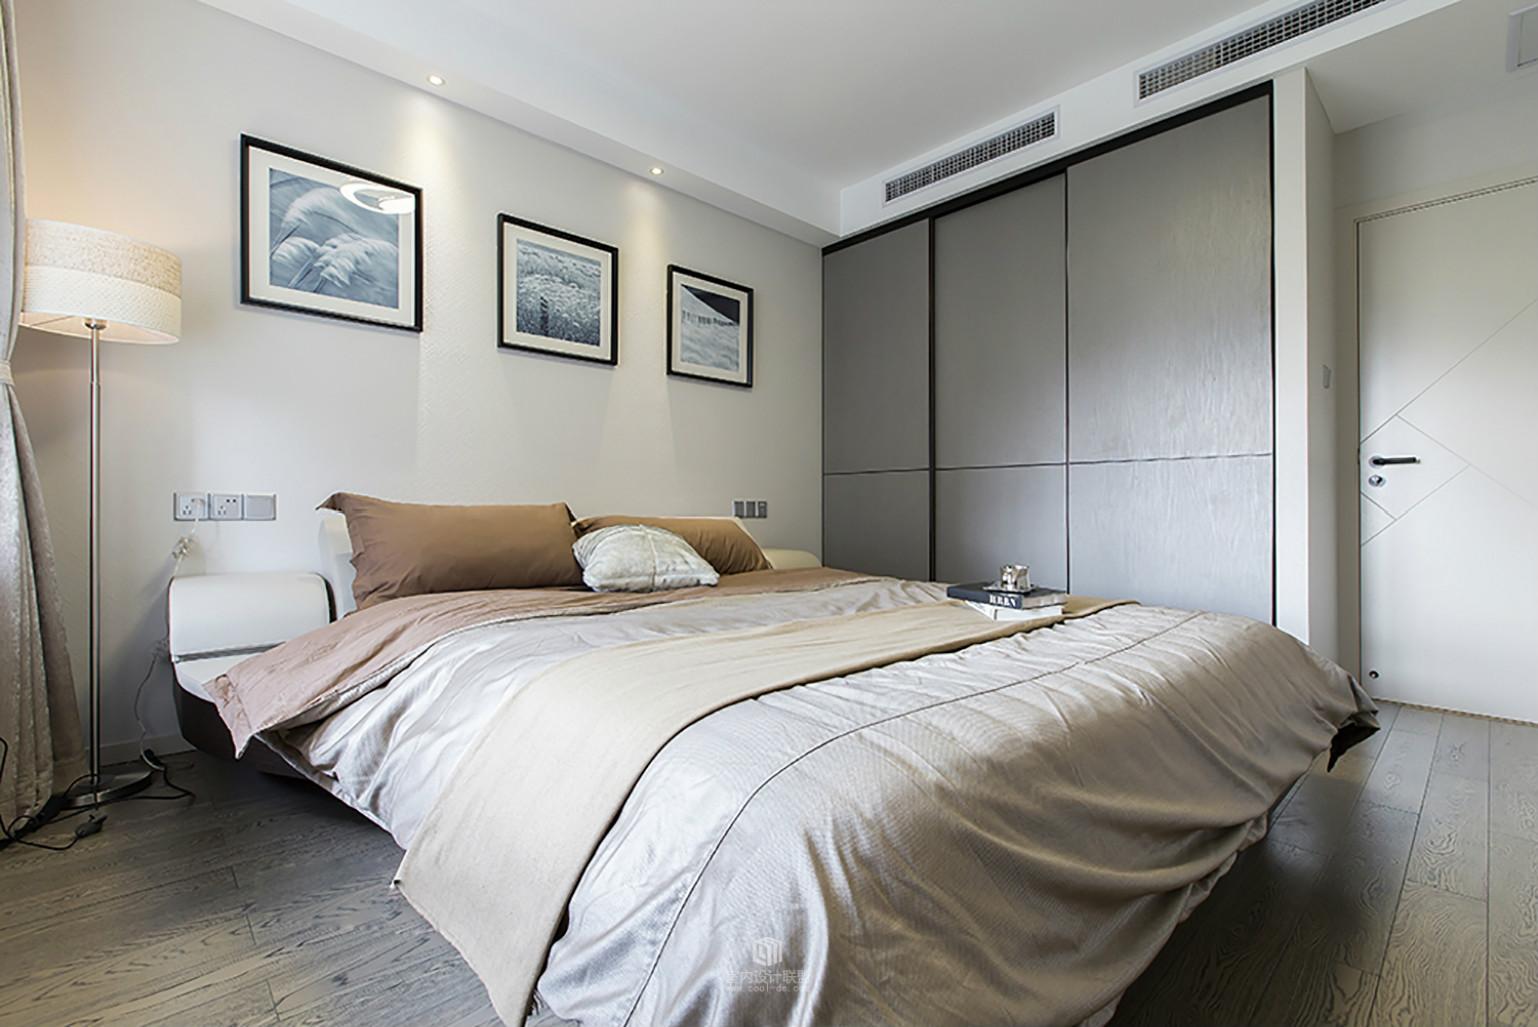 卧室木质的地板搭配浅色系列的床品,整个温馨舒适